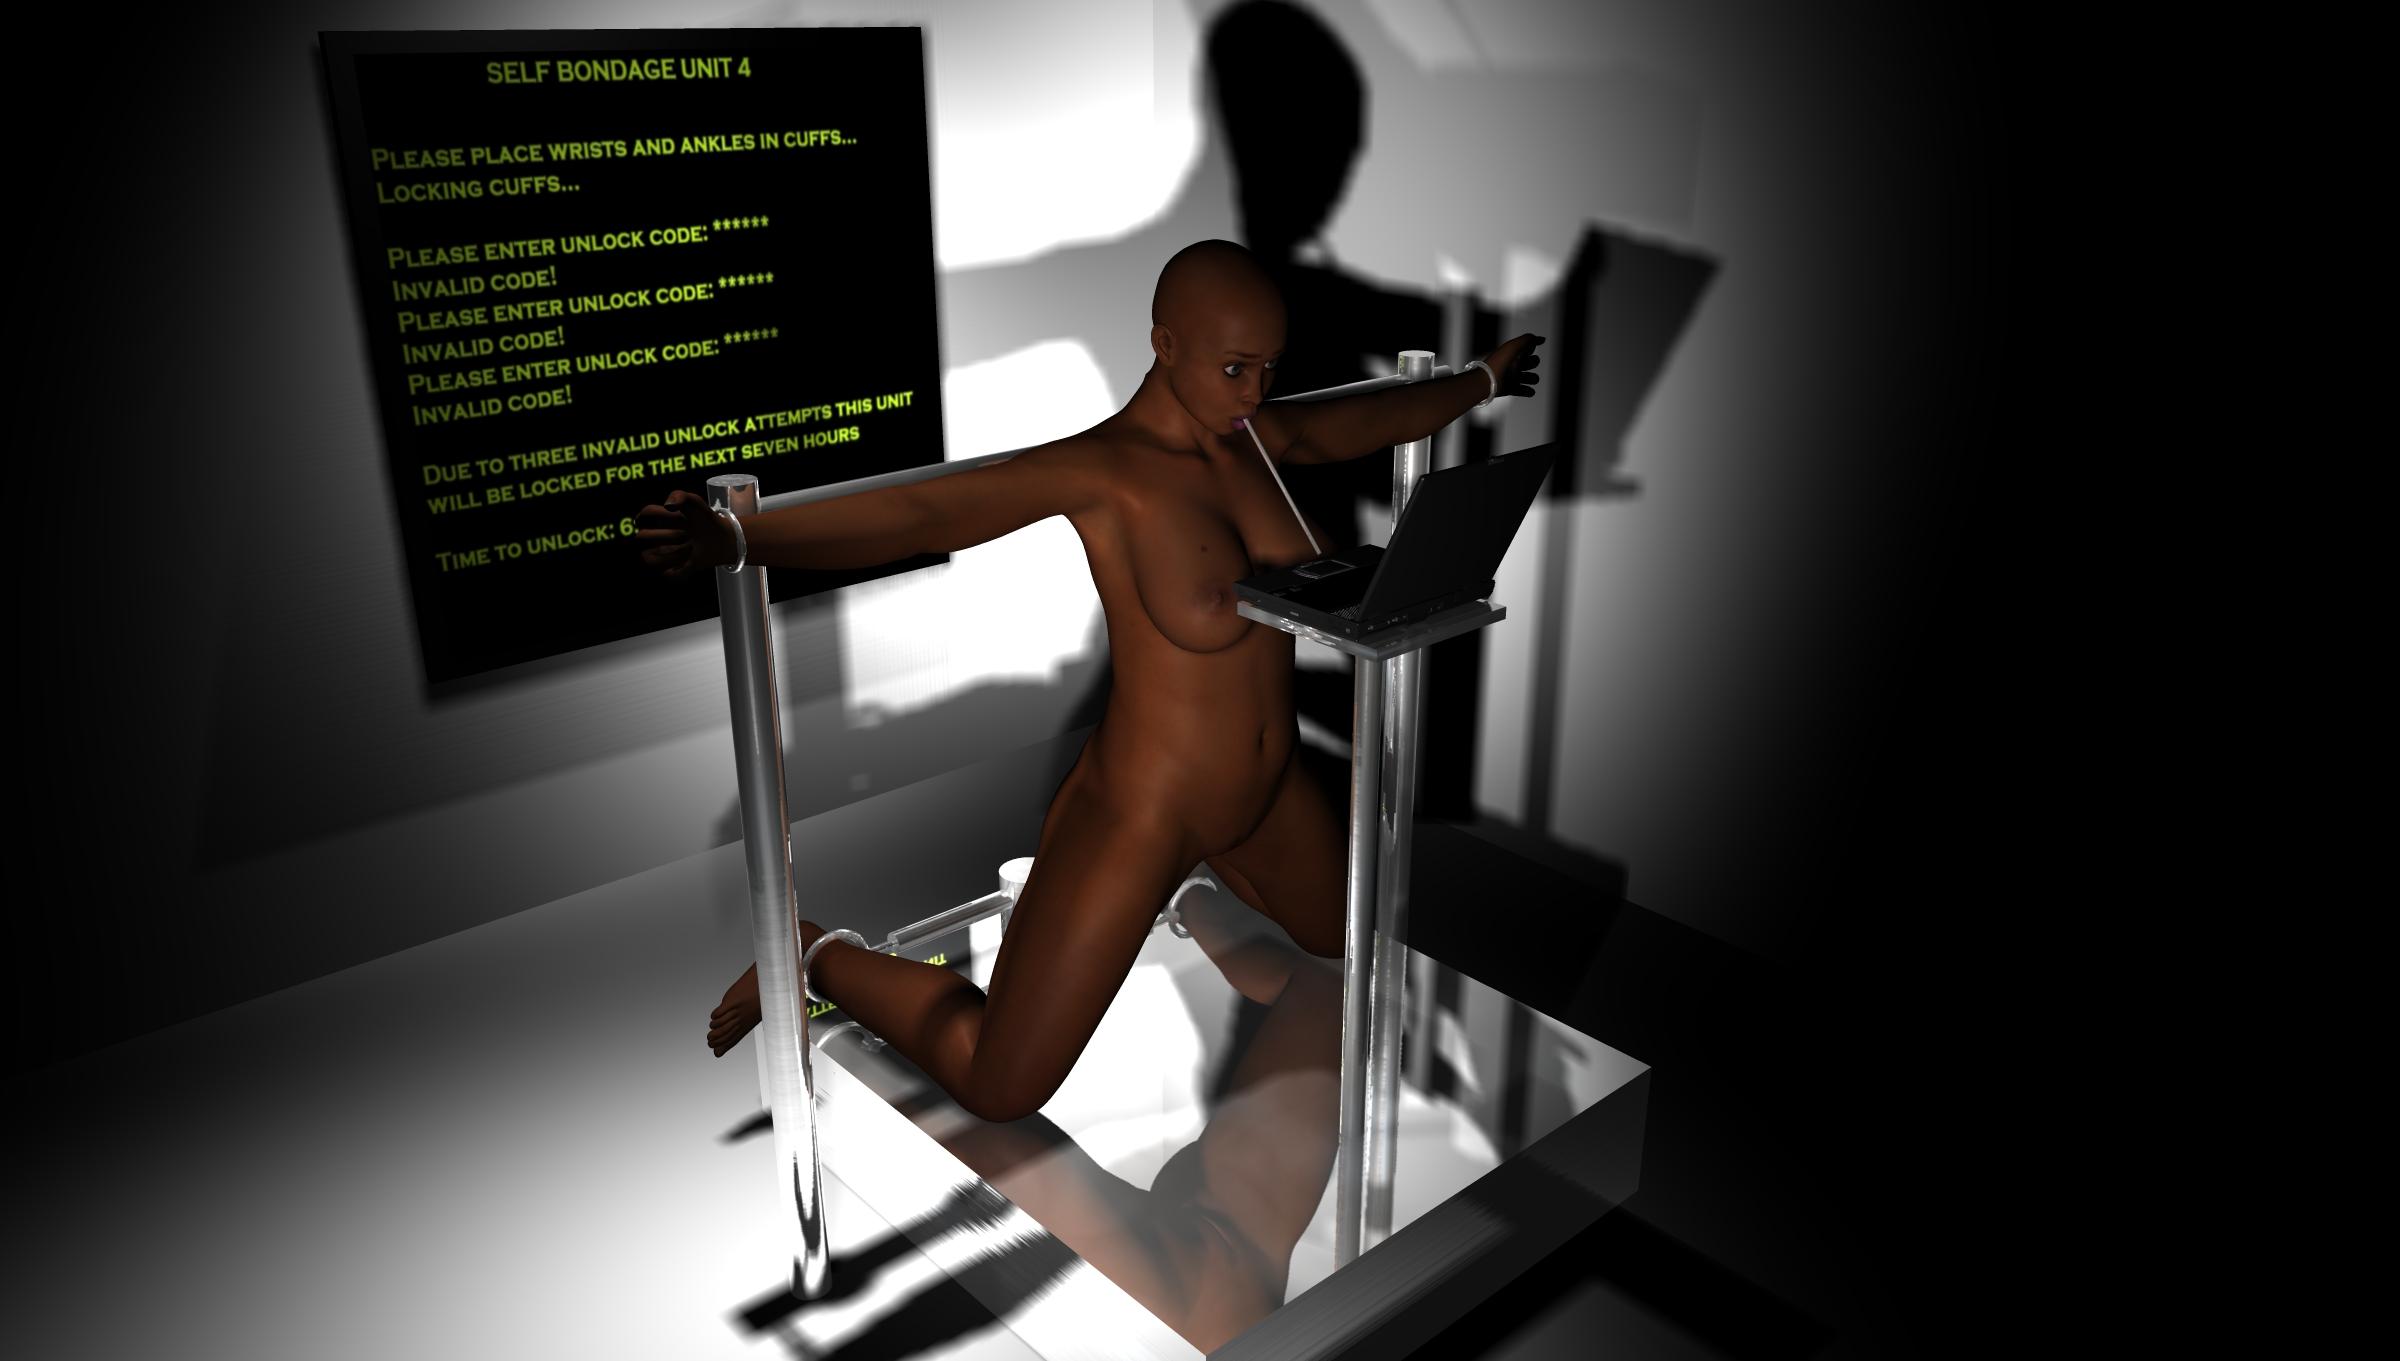 3D Latex Bondage self-bondage art. part xvii. 3d poser pictures. | like ra's